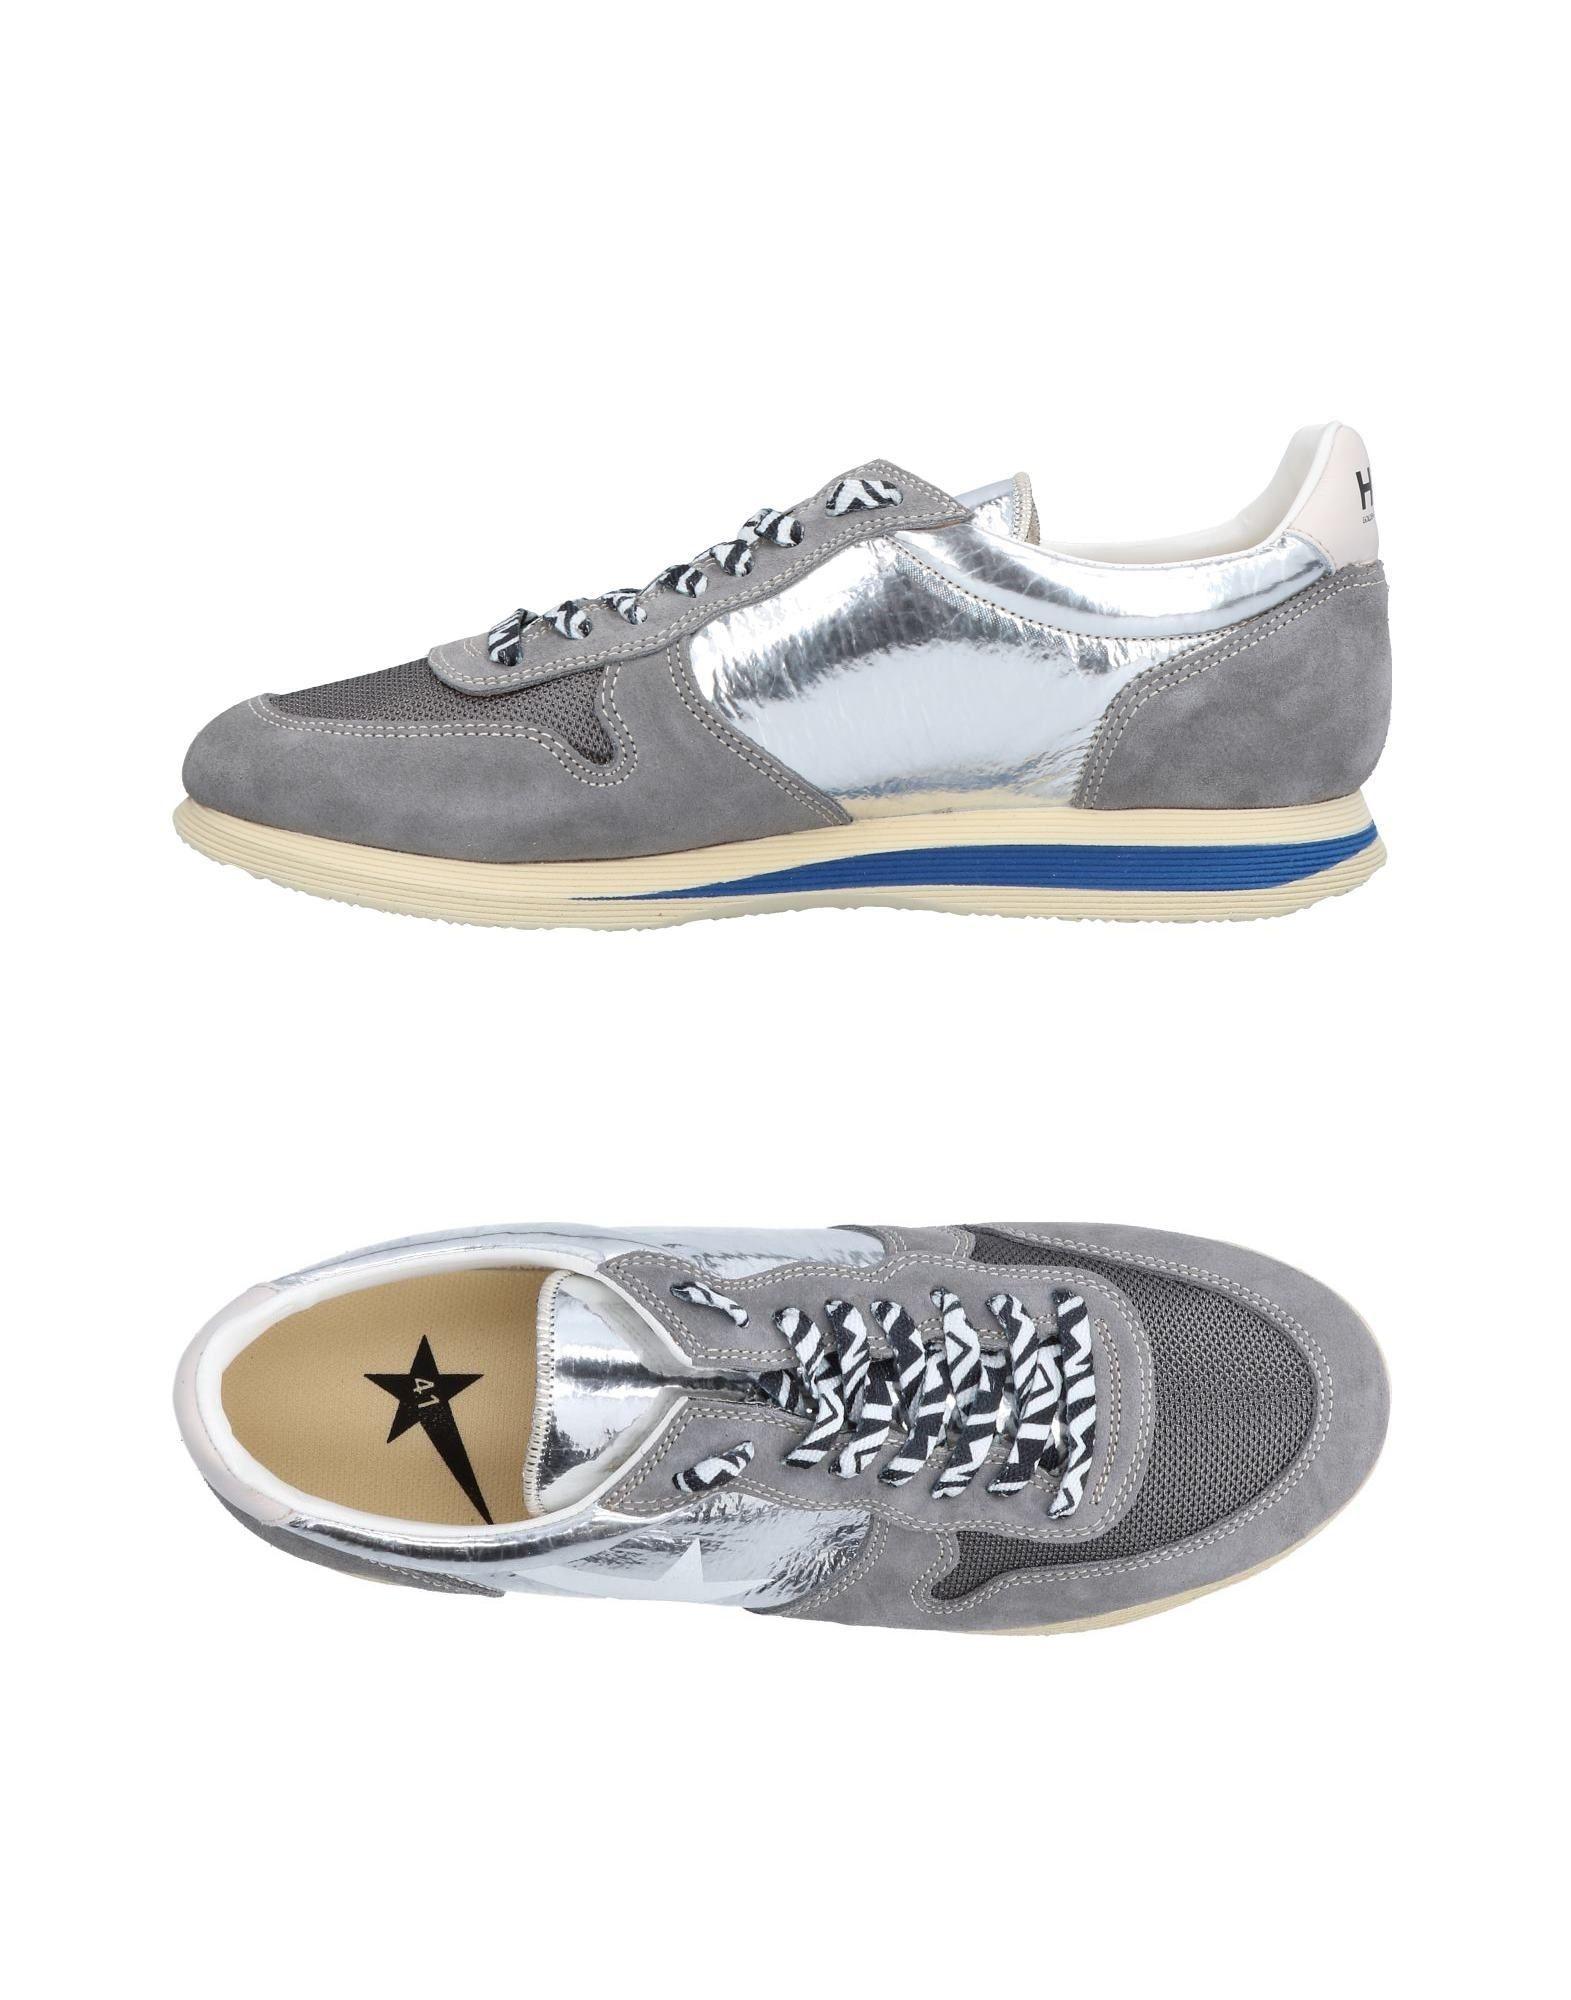 Haus Golden Goose Sneakers Herren  11470252DT Gute Qualität beliebte Schuhe